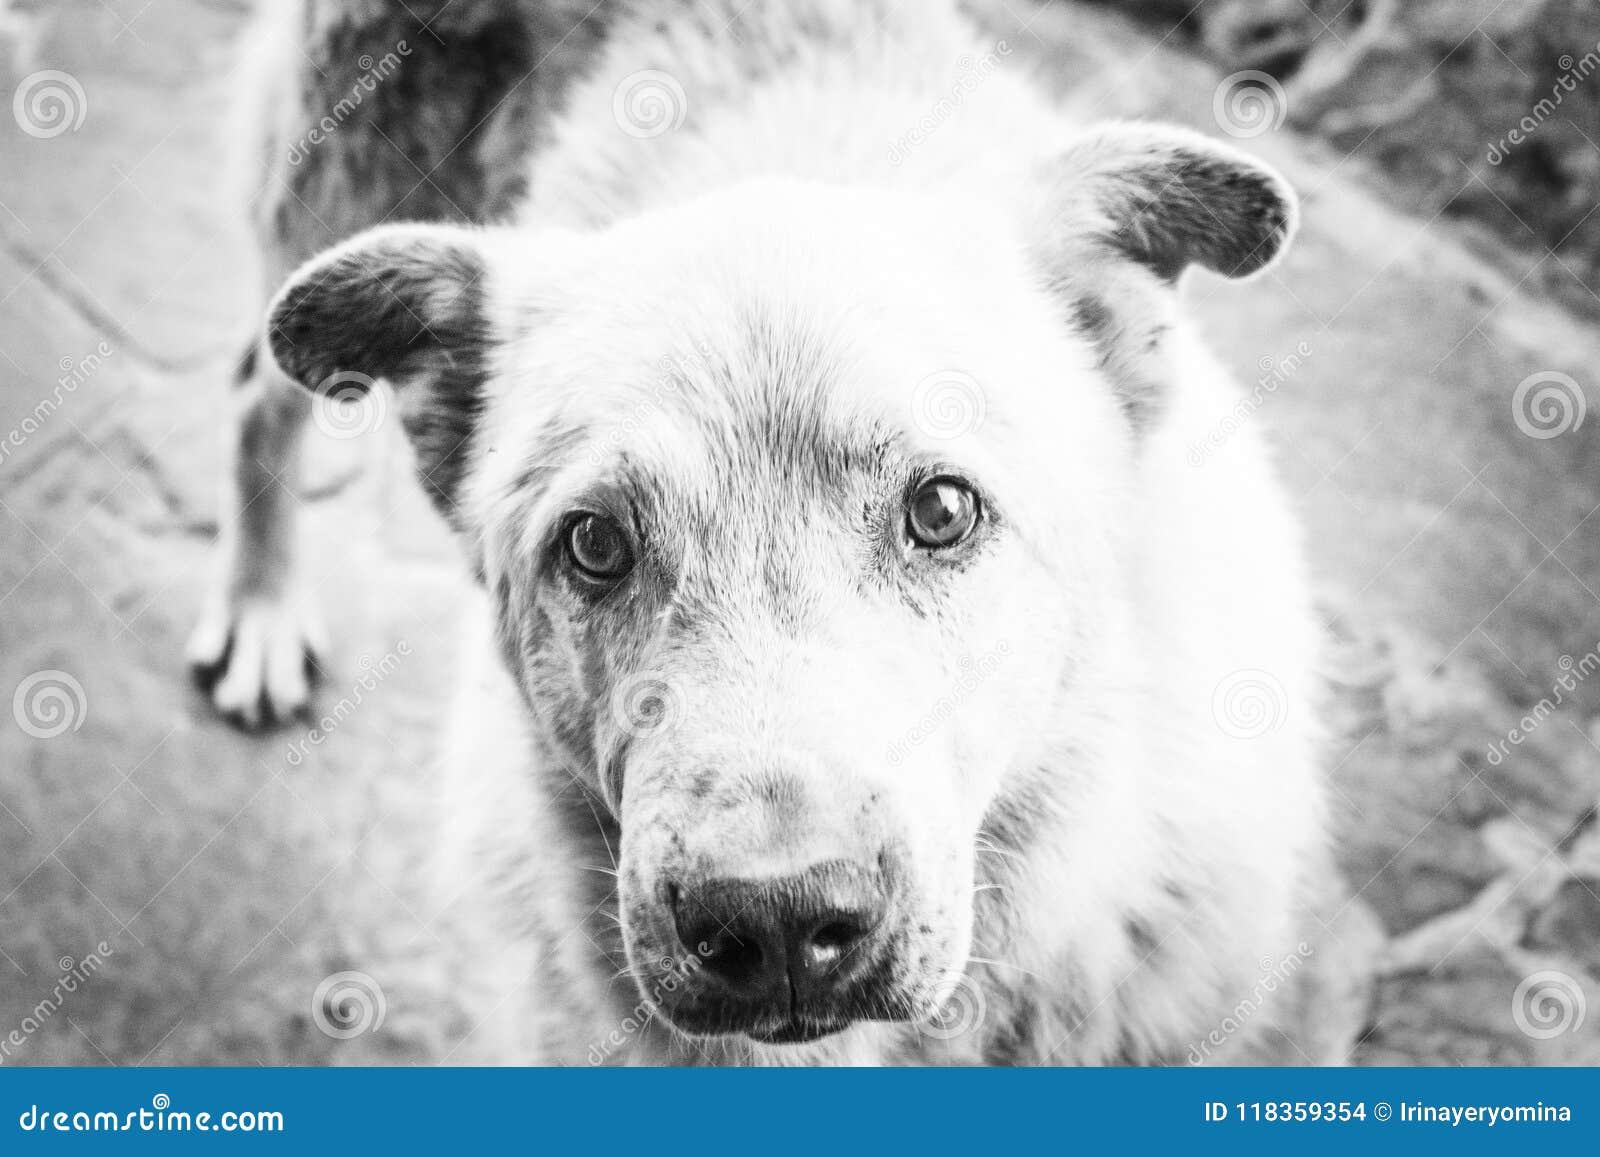 Perro sin hogar hambriento blanco grande con los ojos tristes Portrai blanco negro